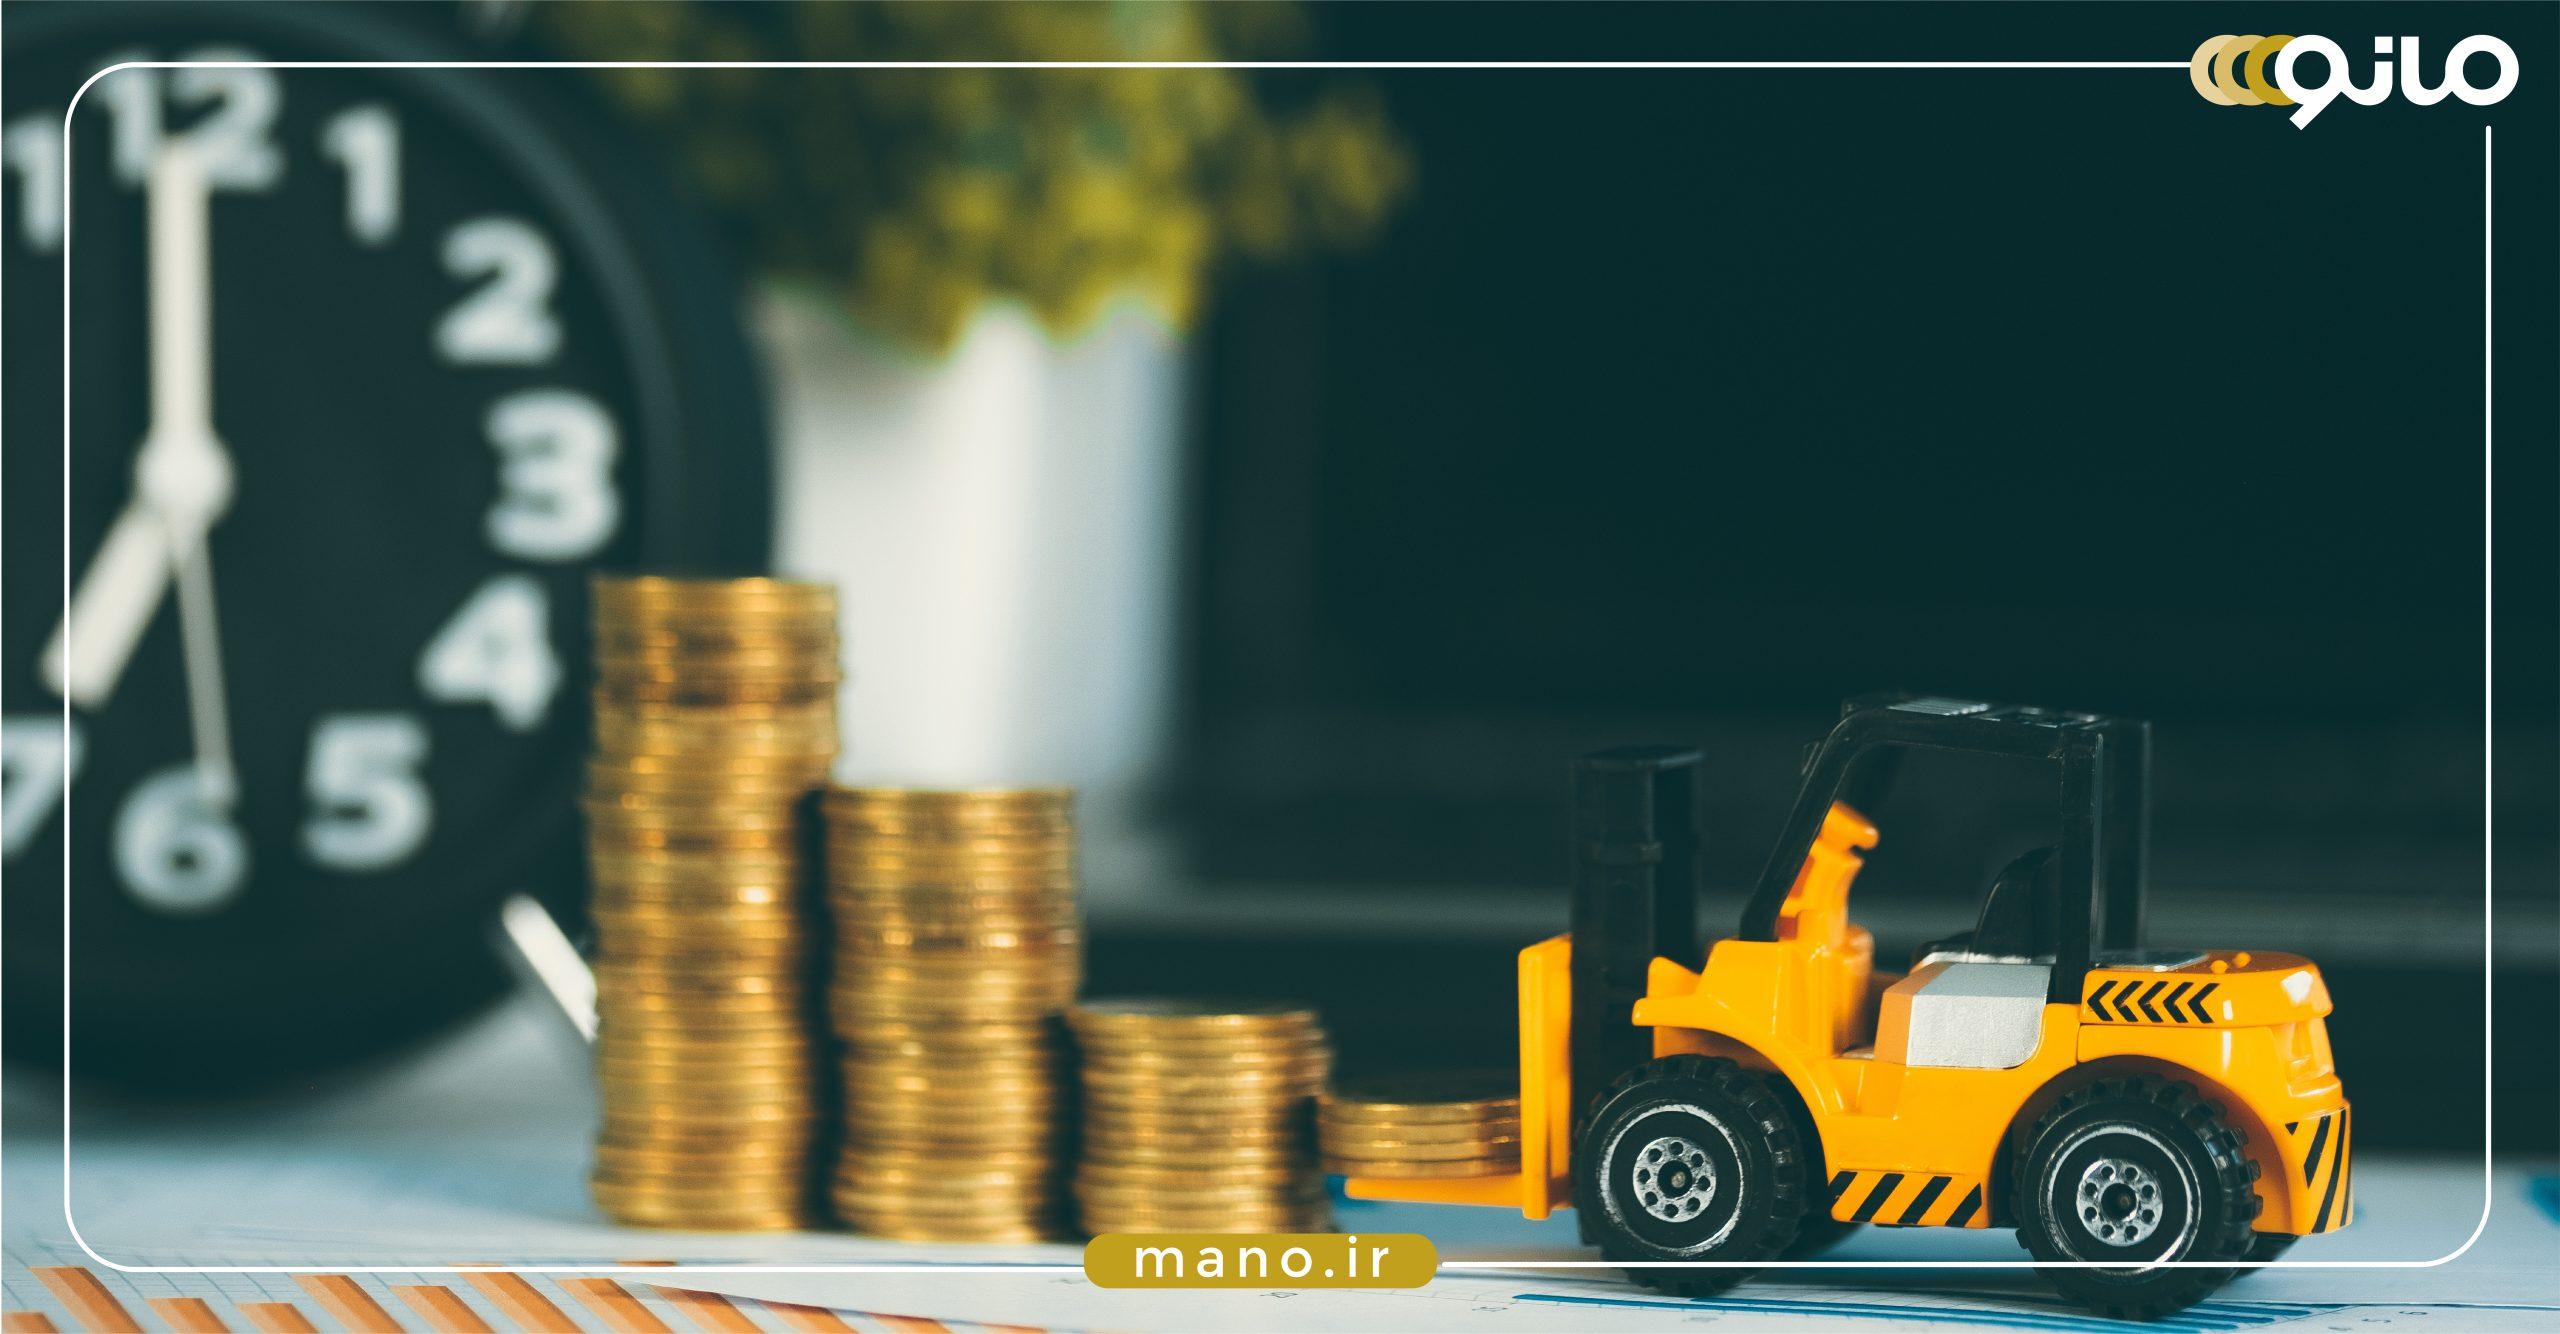 سرمایهگذاری با مبالغ کم ، مدیریت ثروت مانو